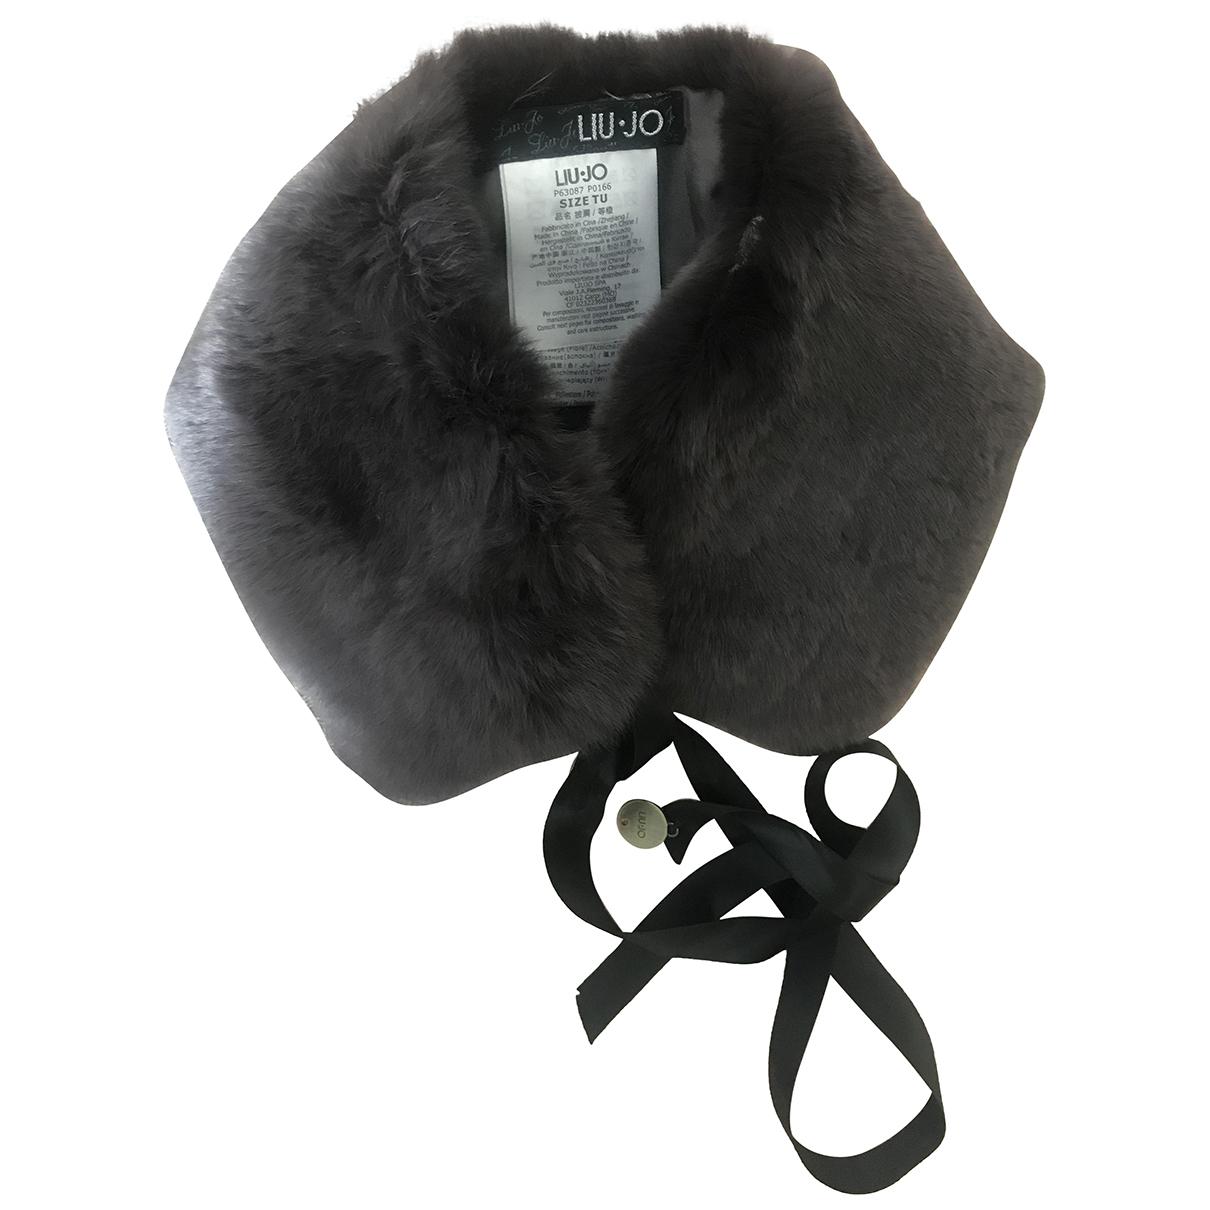 Liu.jo \N Grey Rabbit scarf for Women \N